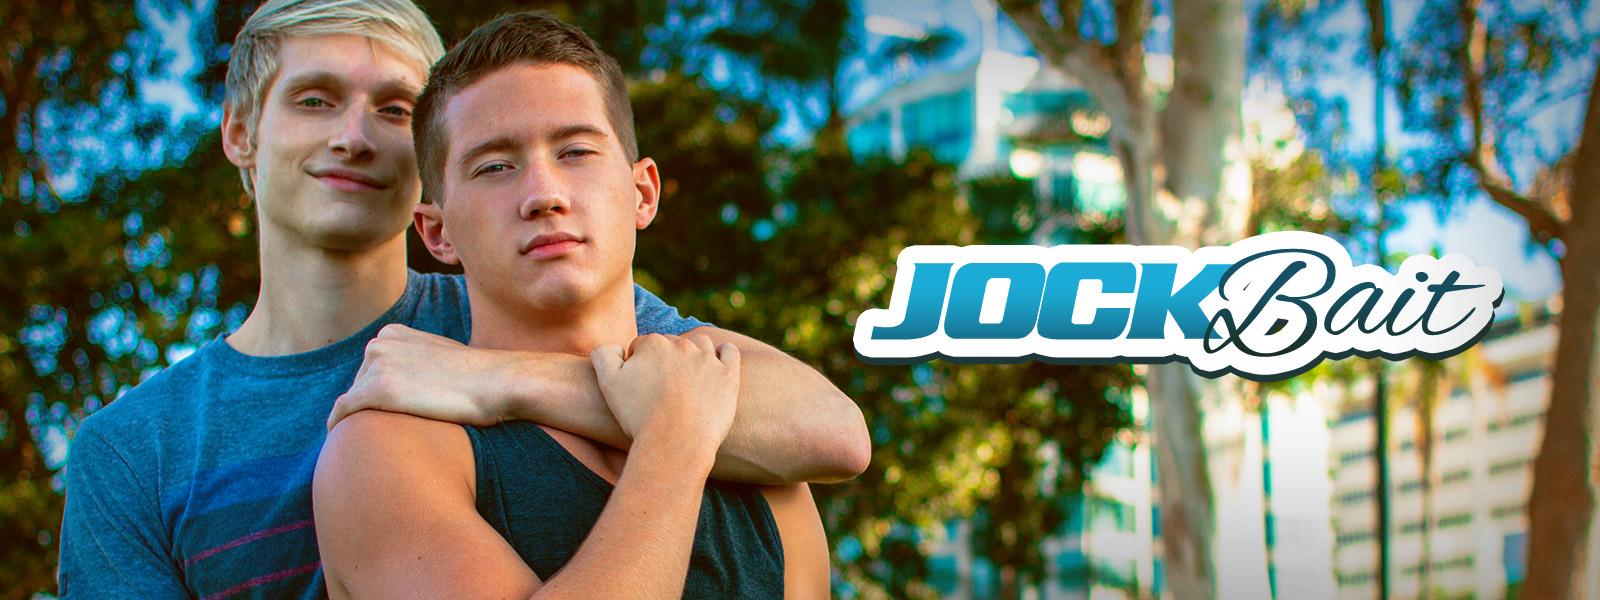 Jock Bait